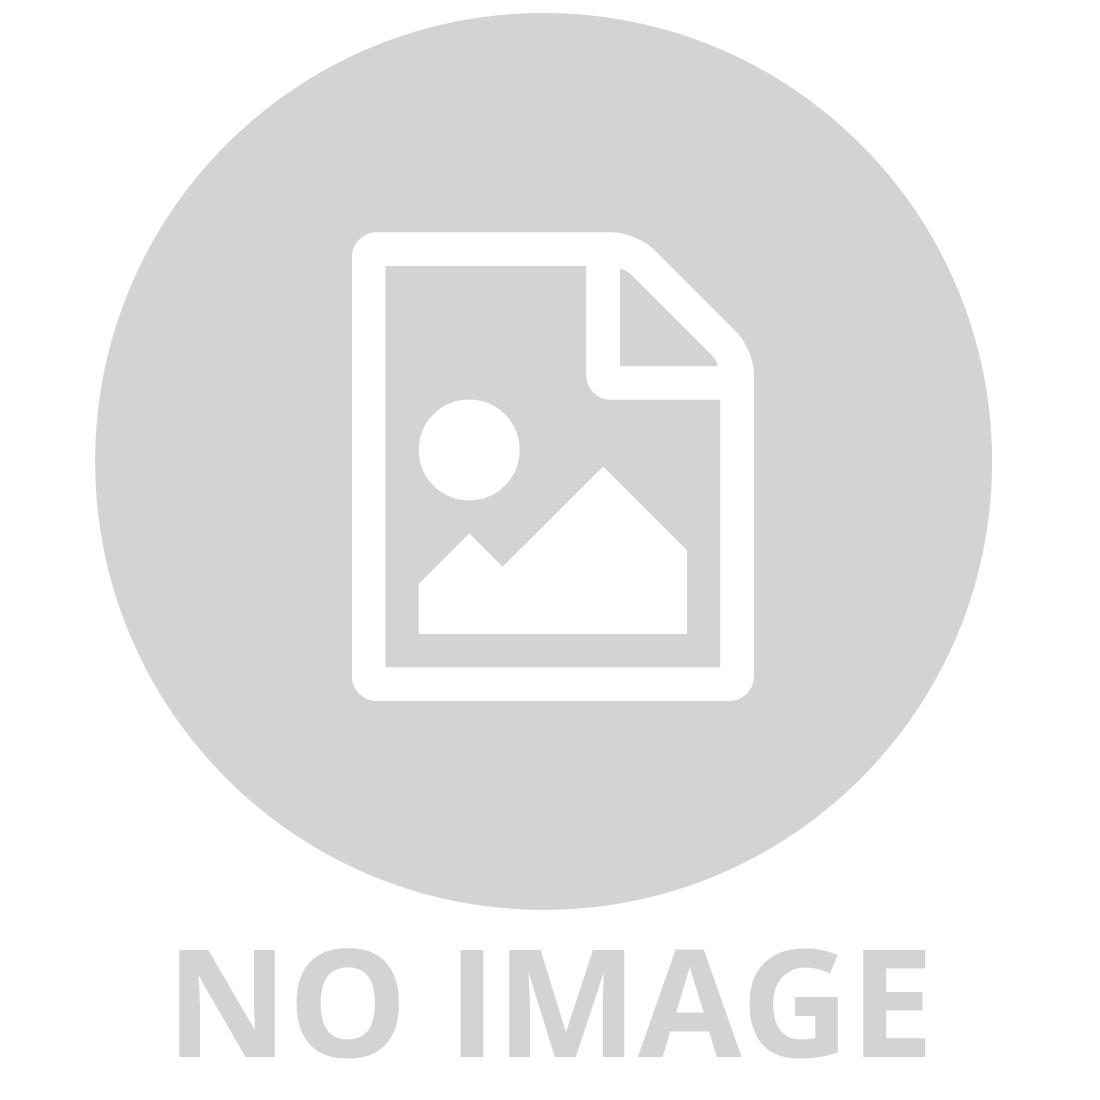 MECCANO- 25 MODEL KIT 4X4 OFF-ROAD TRUCK